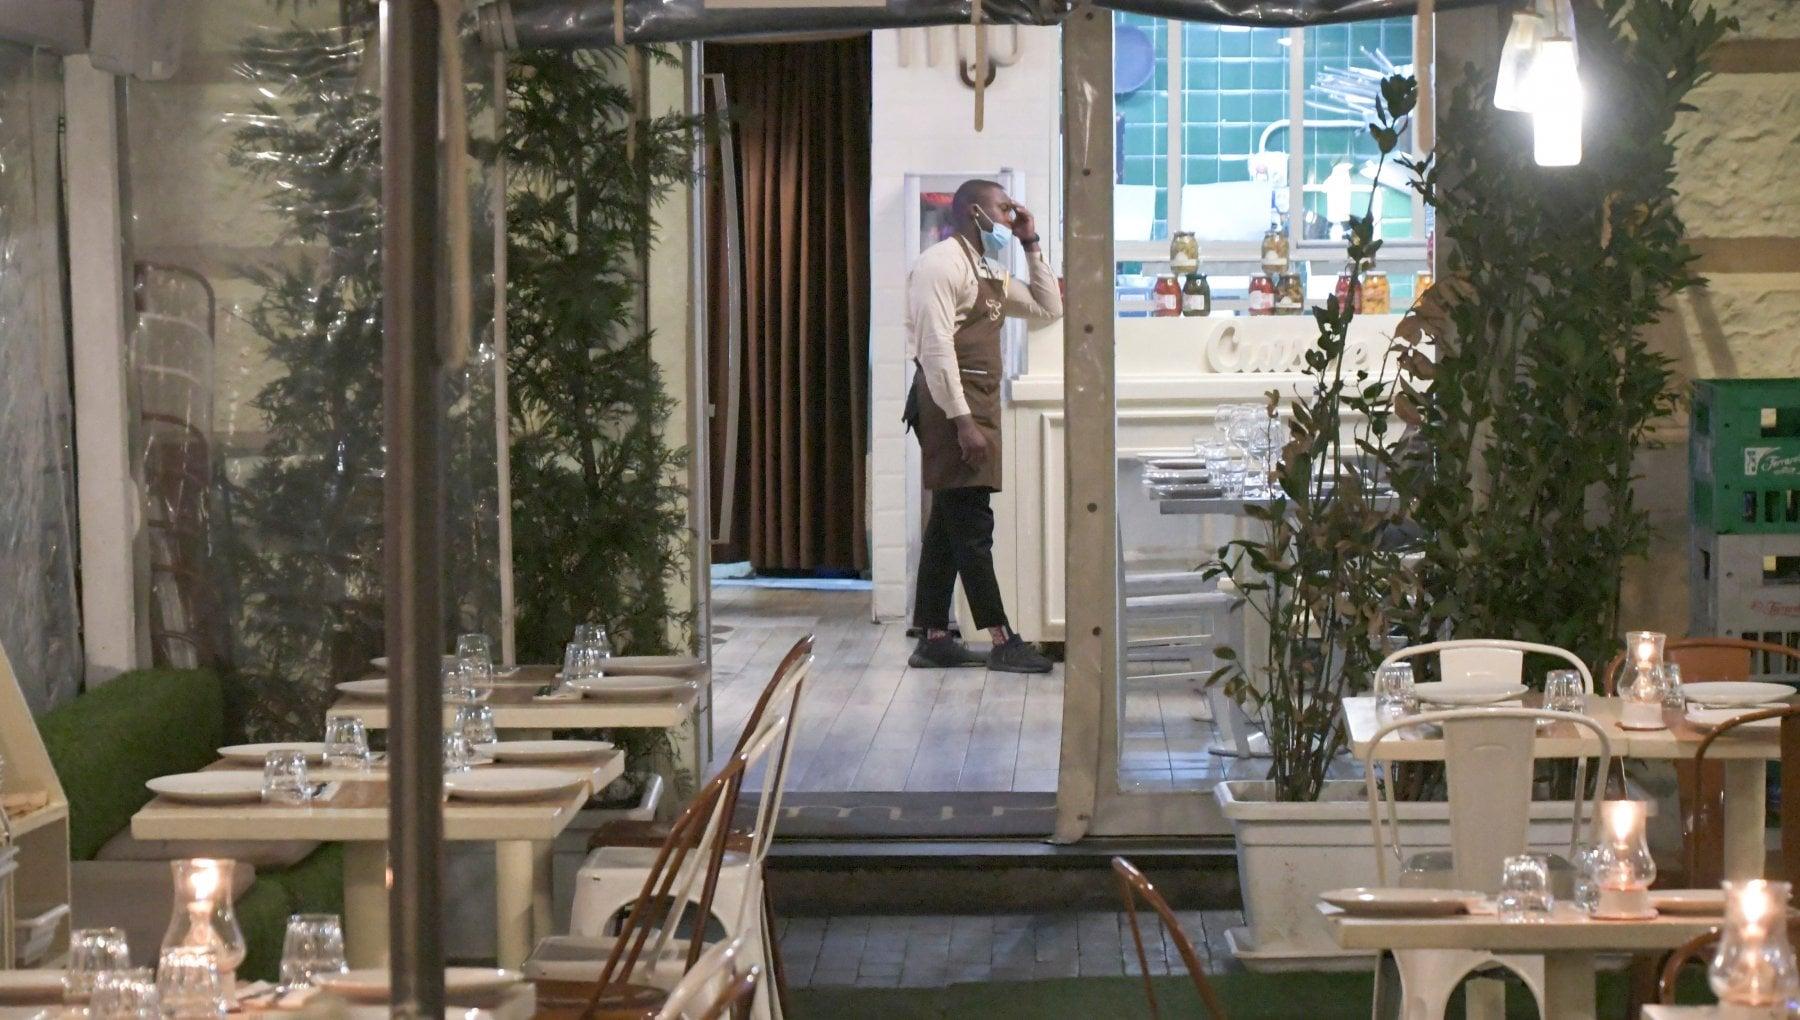 Decreto Natale per bar e ristoranti costretti a chiudere nuovi ristori per 645 milioni